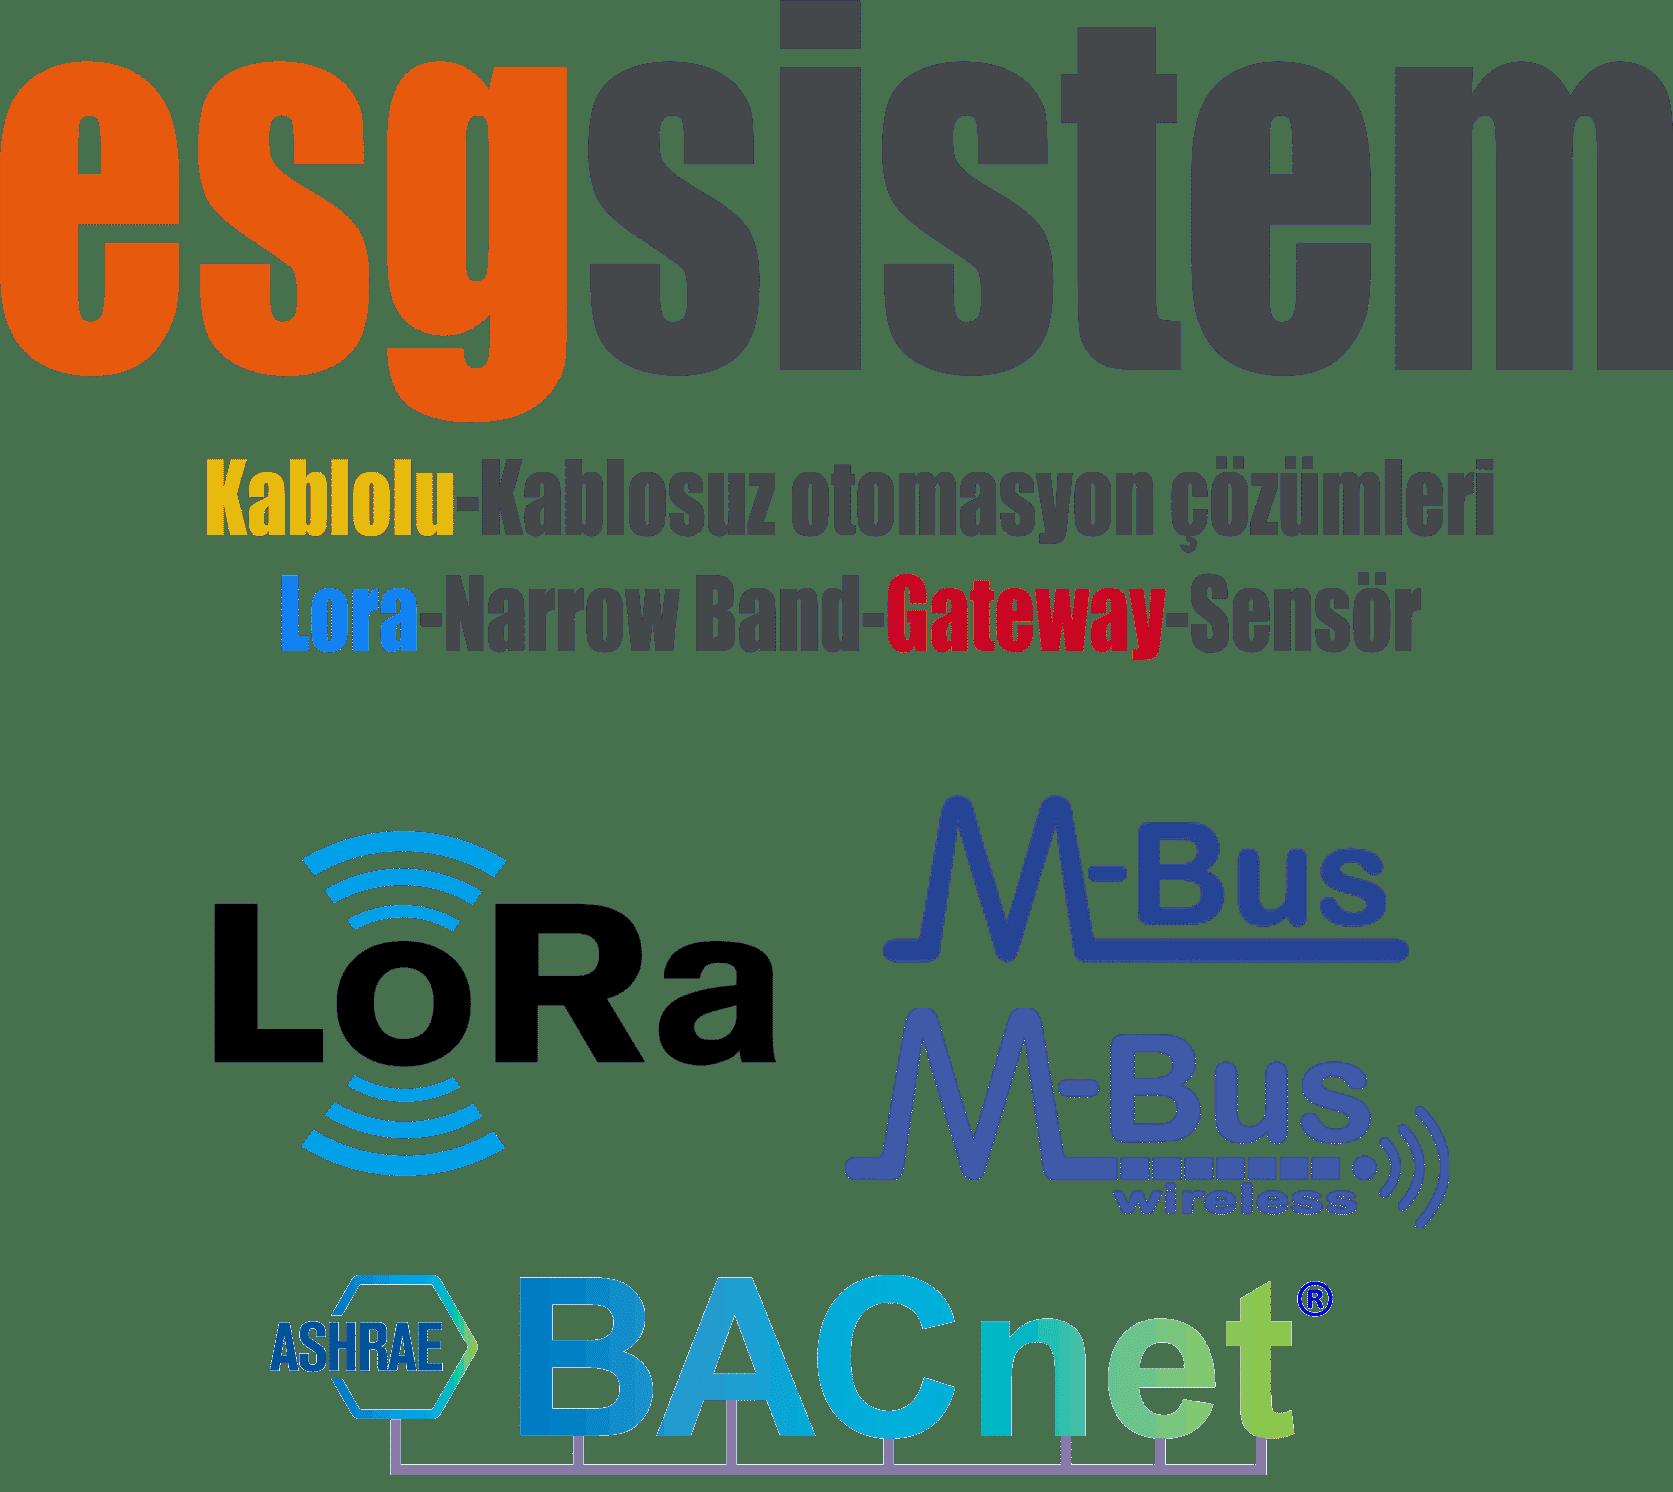 Endüstriyel Kablosuz Sensör Ağlarında Wireless M-Bus